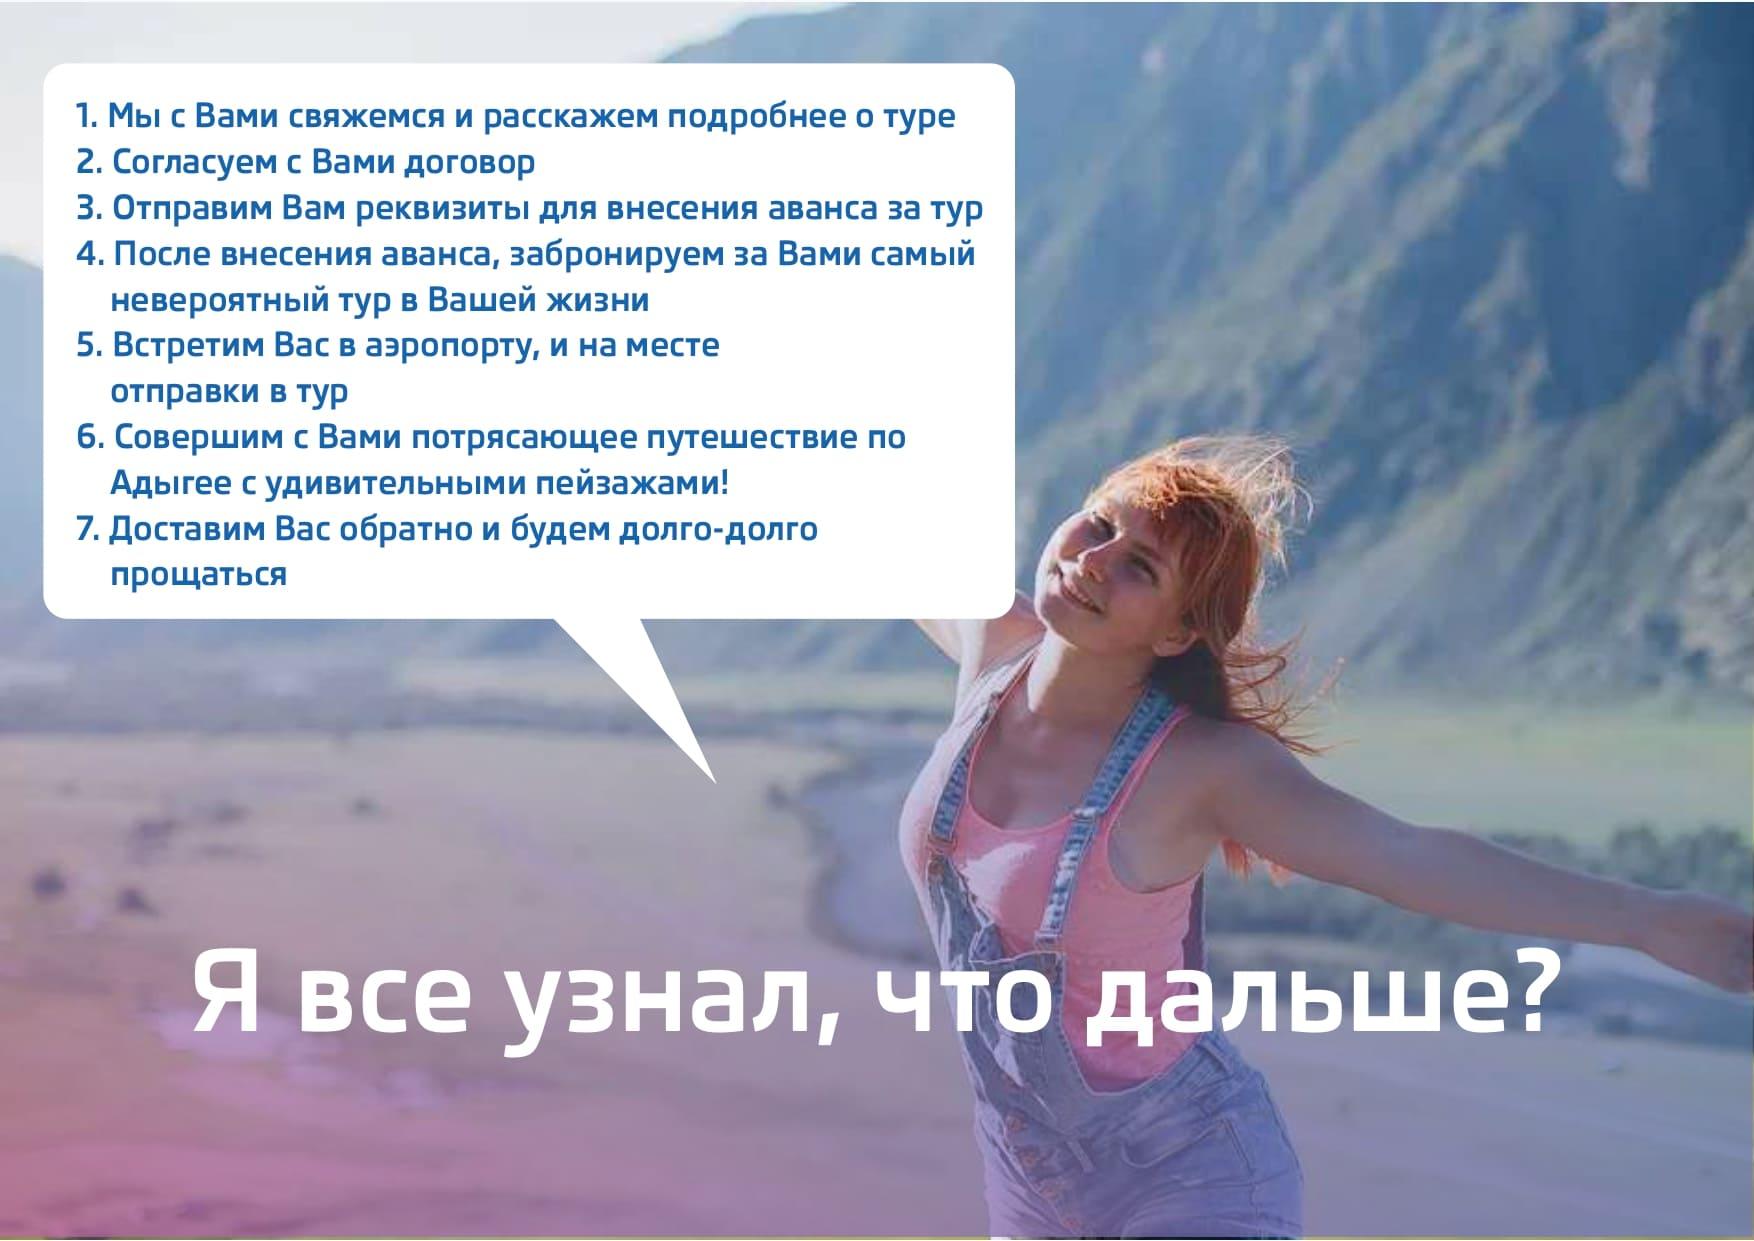 Адыгея активный тур_compressed (4)_page-0026